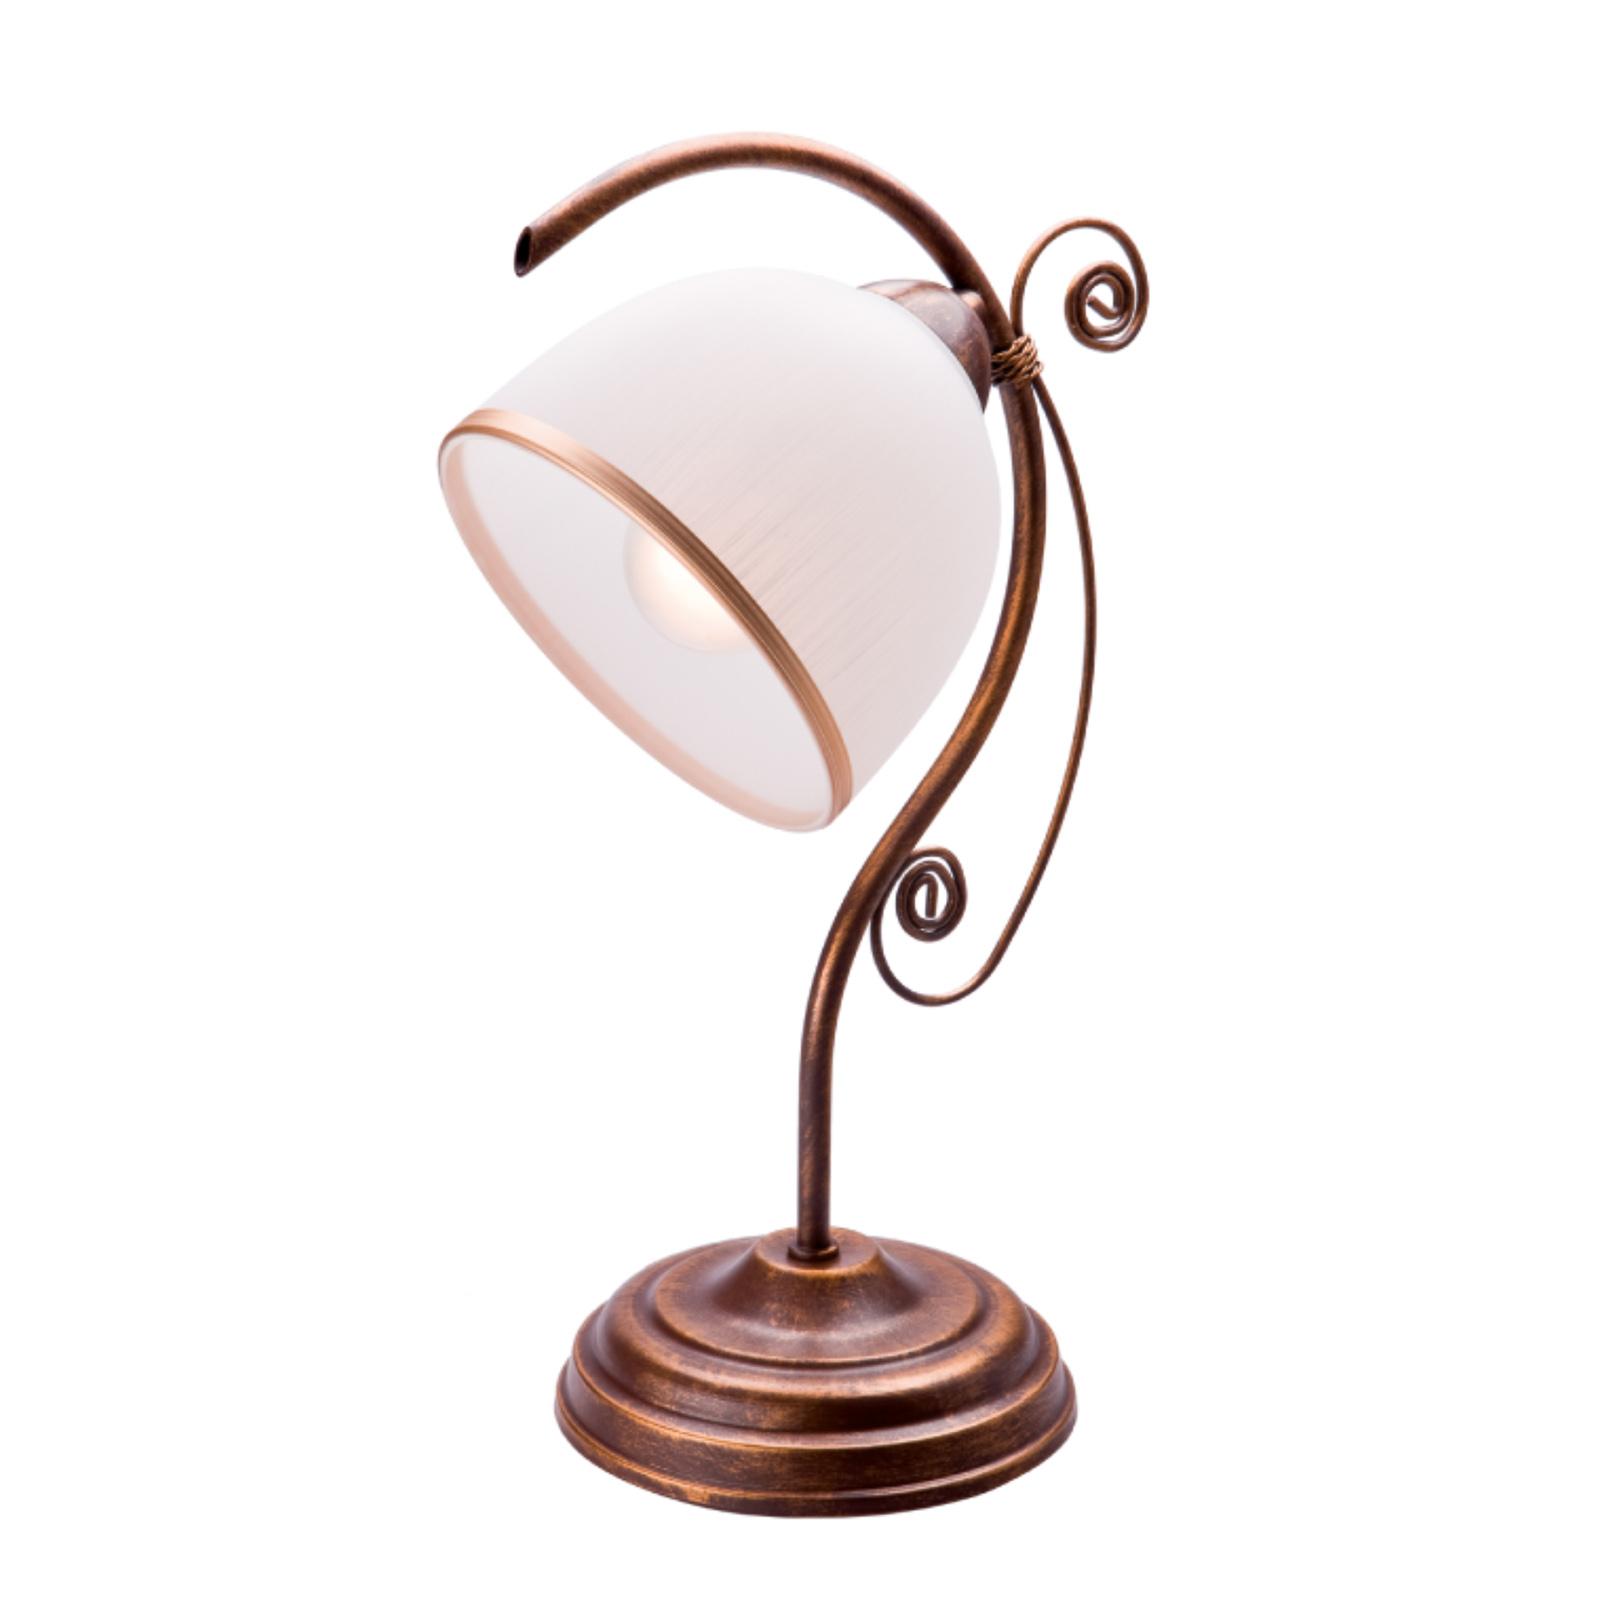 Lampa stołowa Roma biała i brązowa